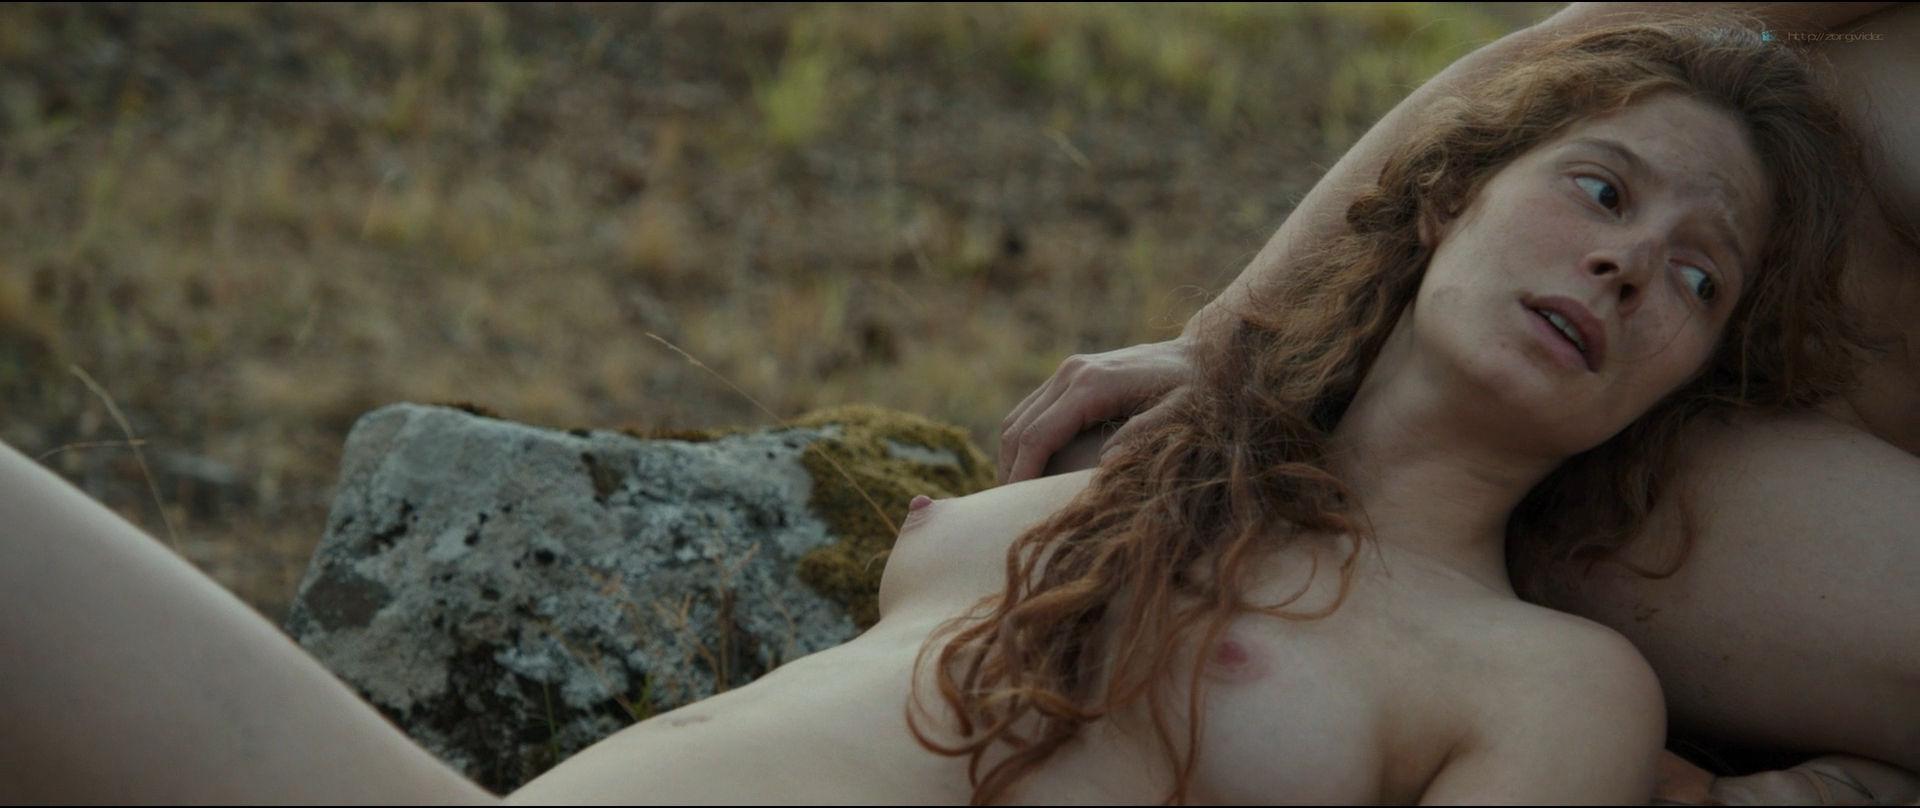 Marianna Fontana nude full frontal Jenna Thiam others nude - Capri-Revolution (2018) HD 1080p BluRay (14)